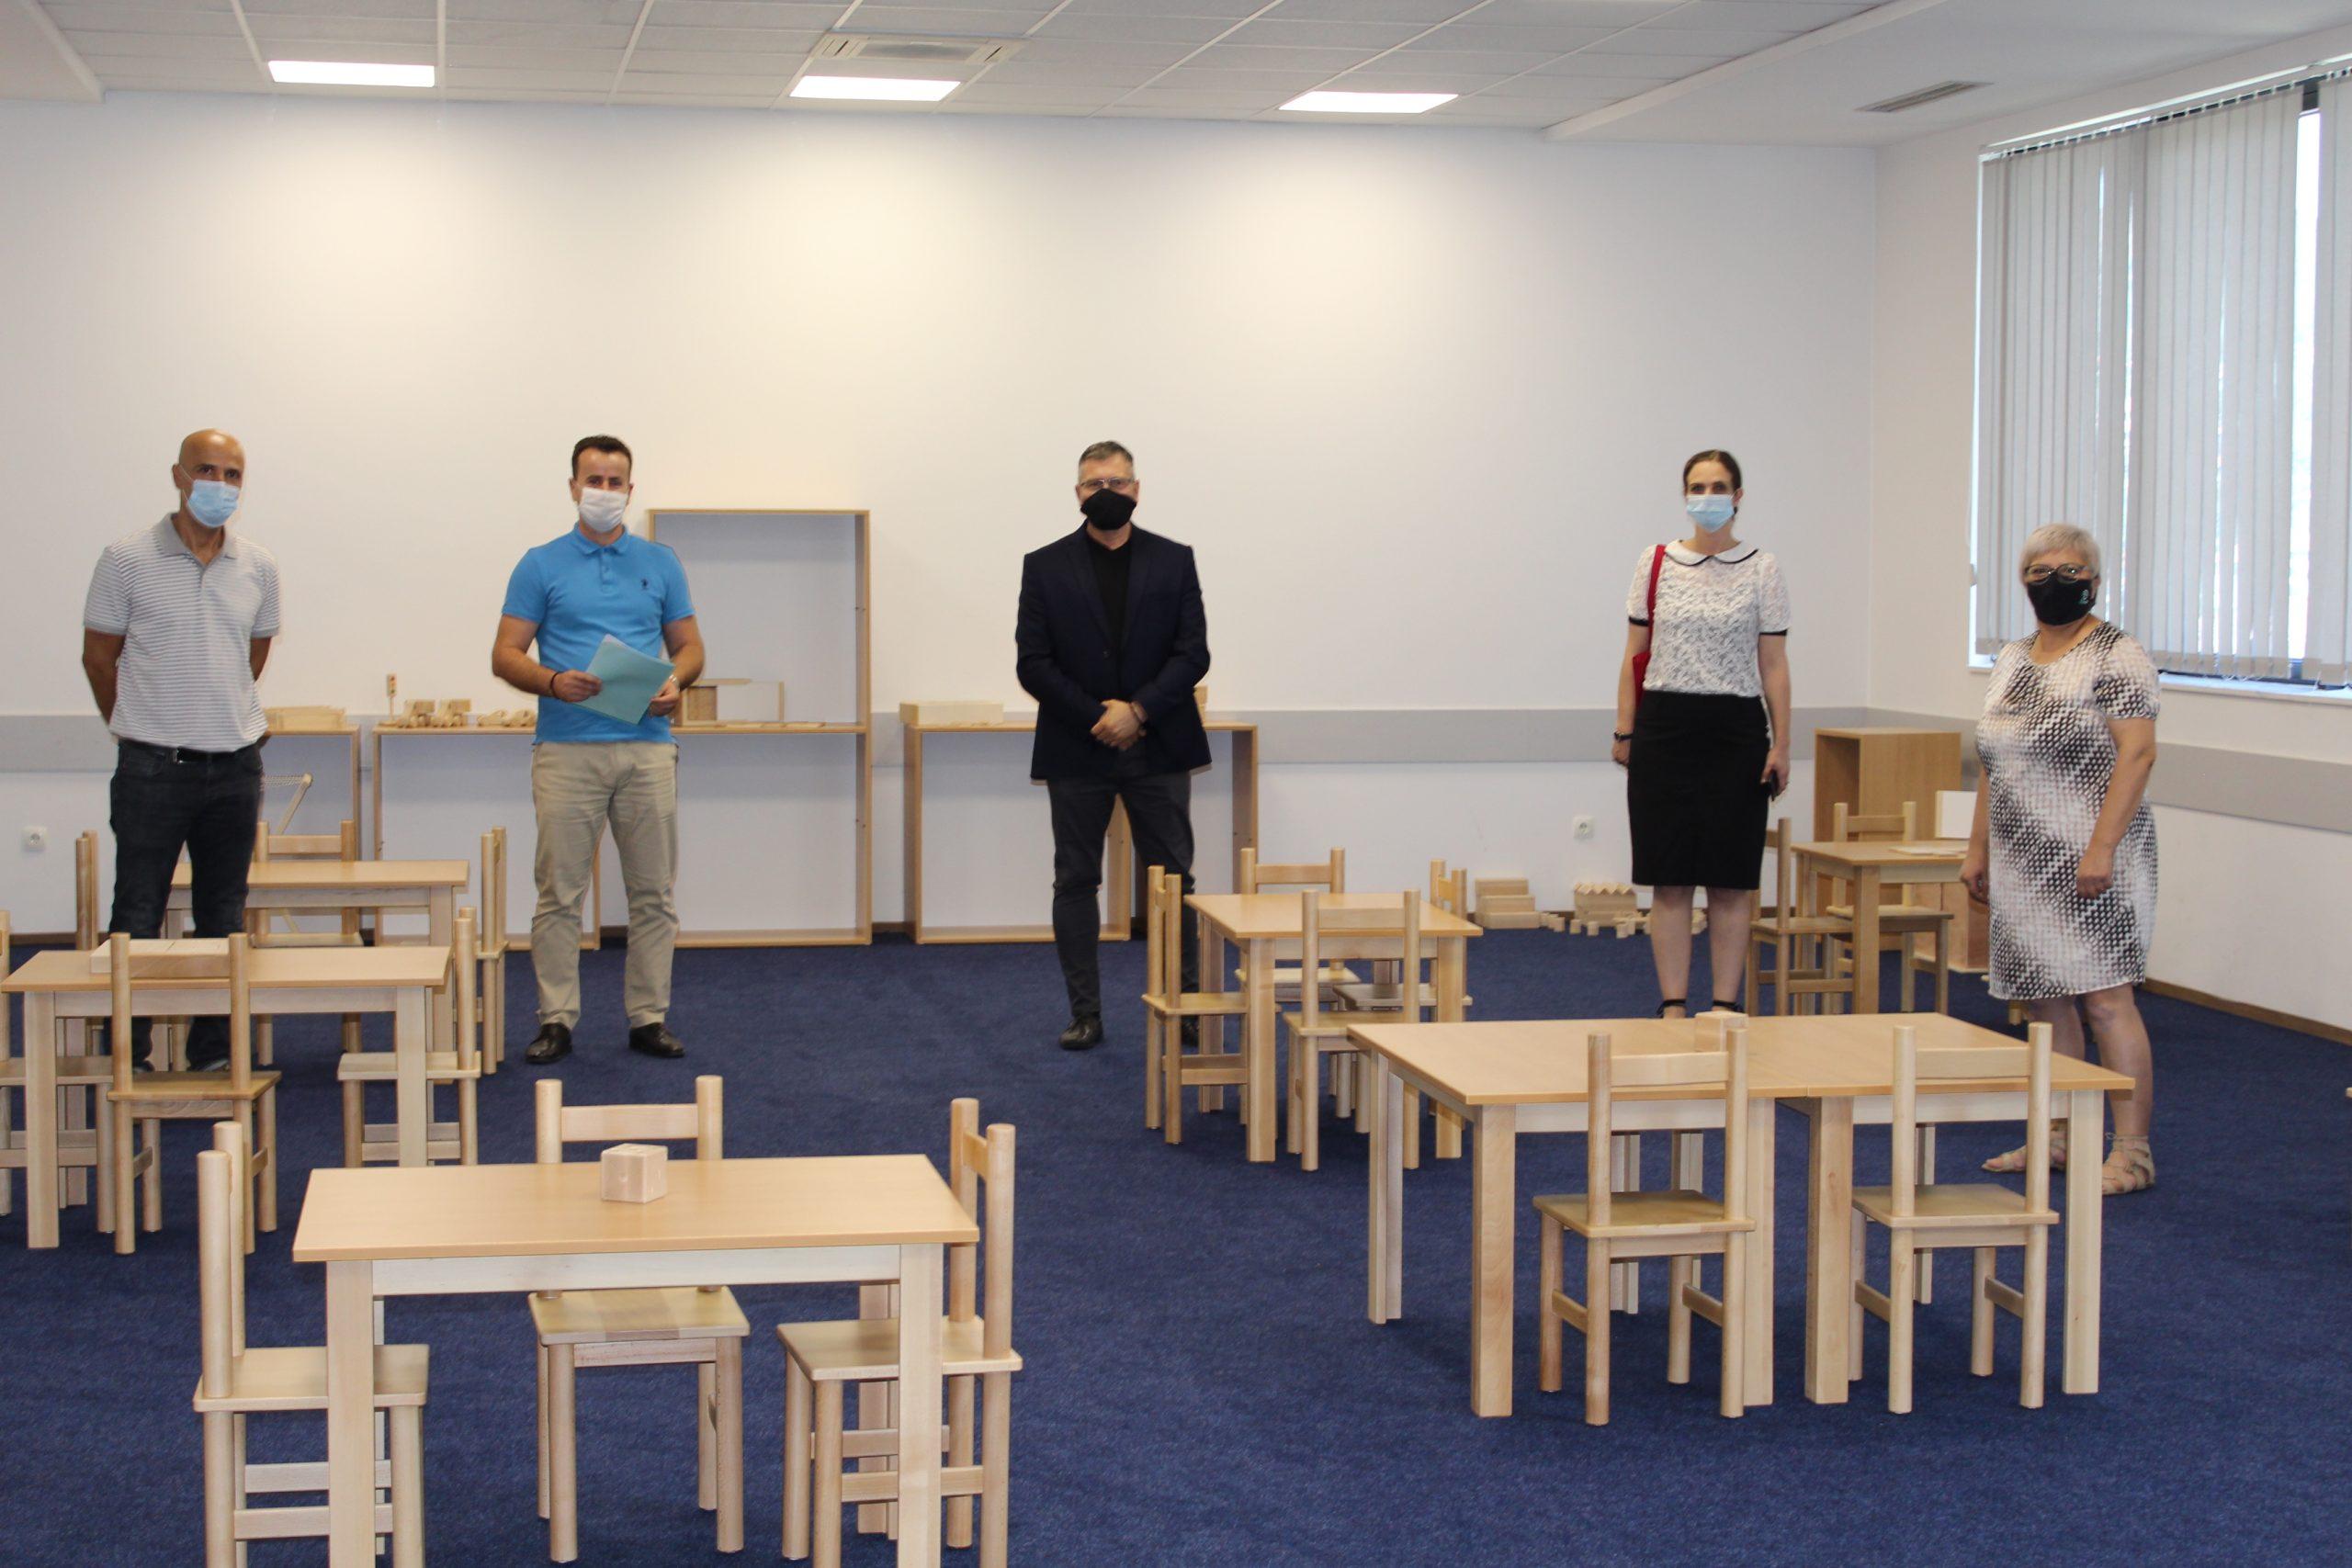 Projekt për realizimin e punës praktike në Fakultetin e Edukimit